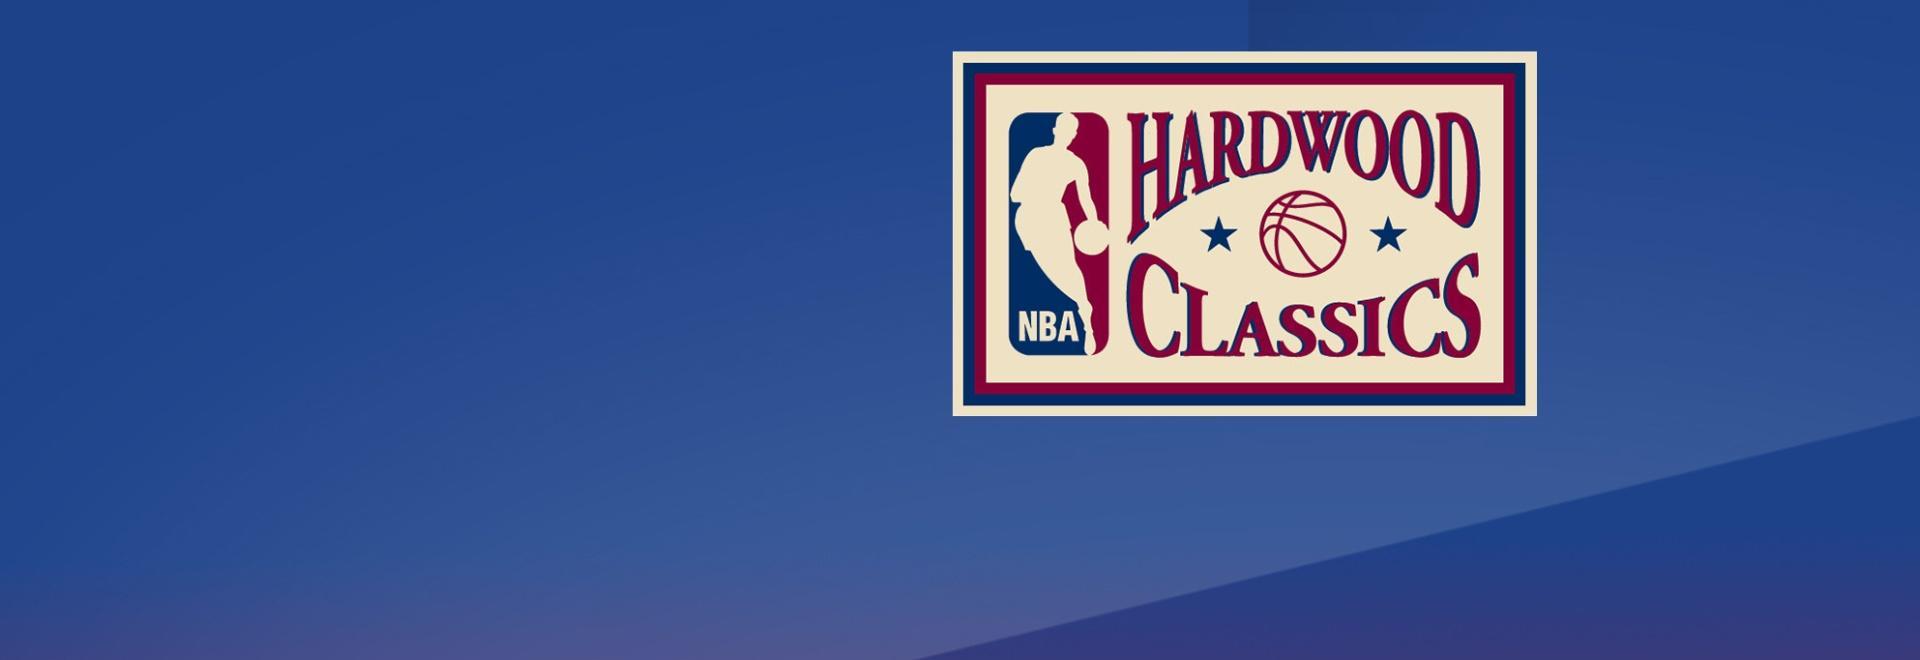 Magic - Rockets 1995. Game 4. NBA Finals